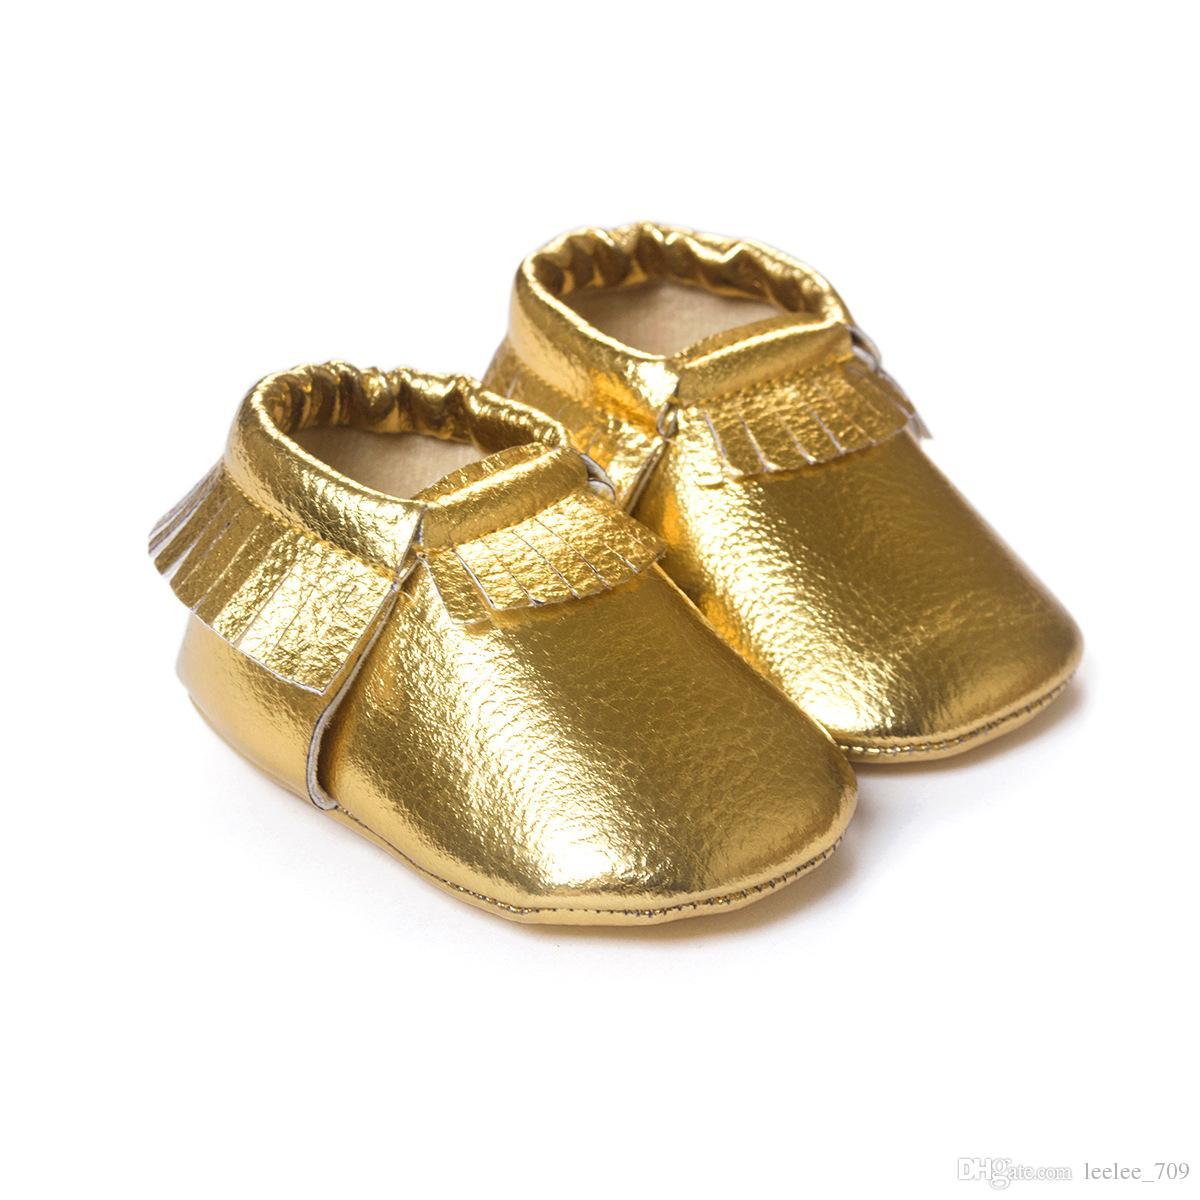 51 Couleur Bébé mocassins semelle souple PU en cuir premier walker chaussures bébé nouveau-né chaussures Glands maccasions toddler chaussures